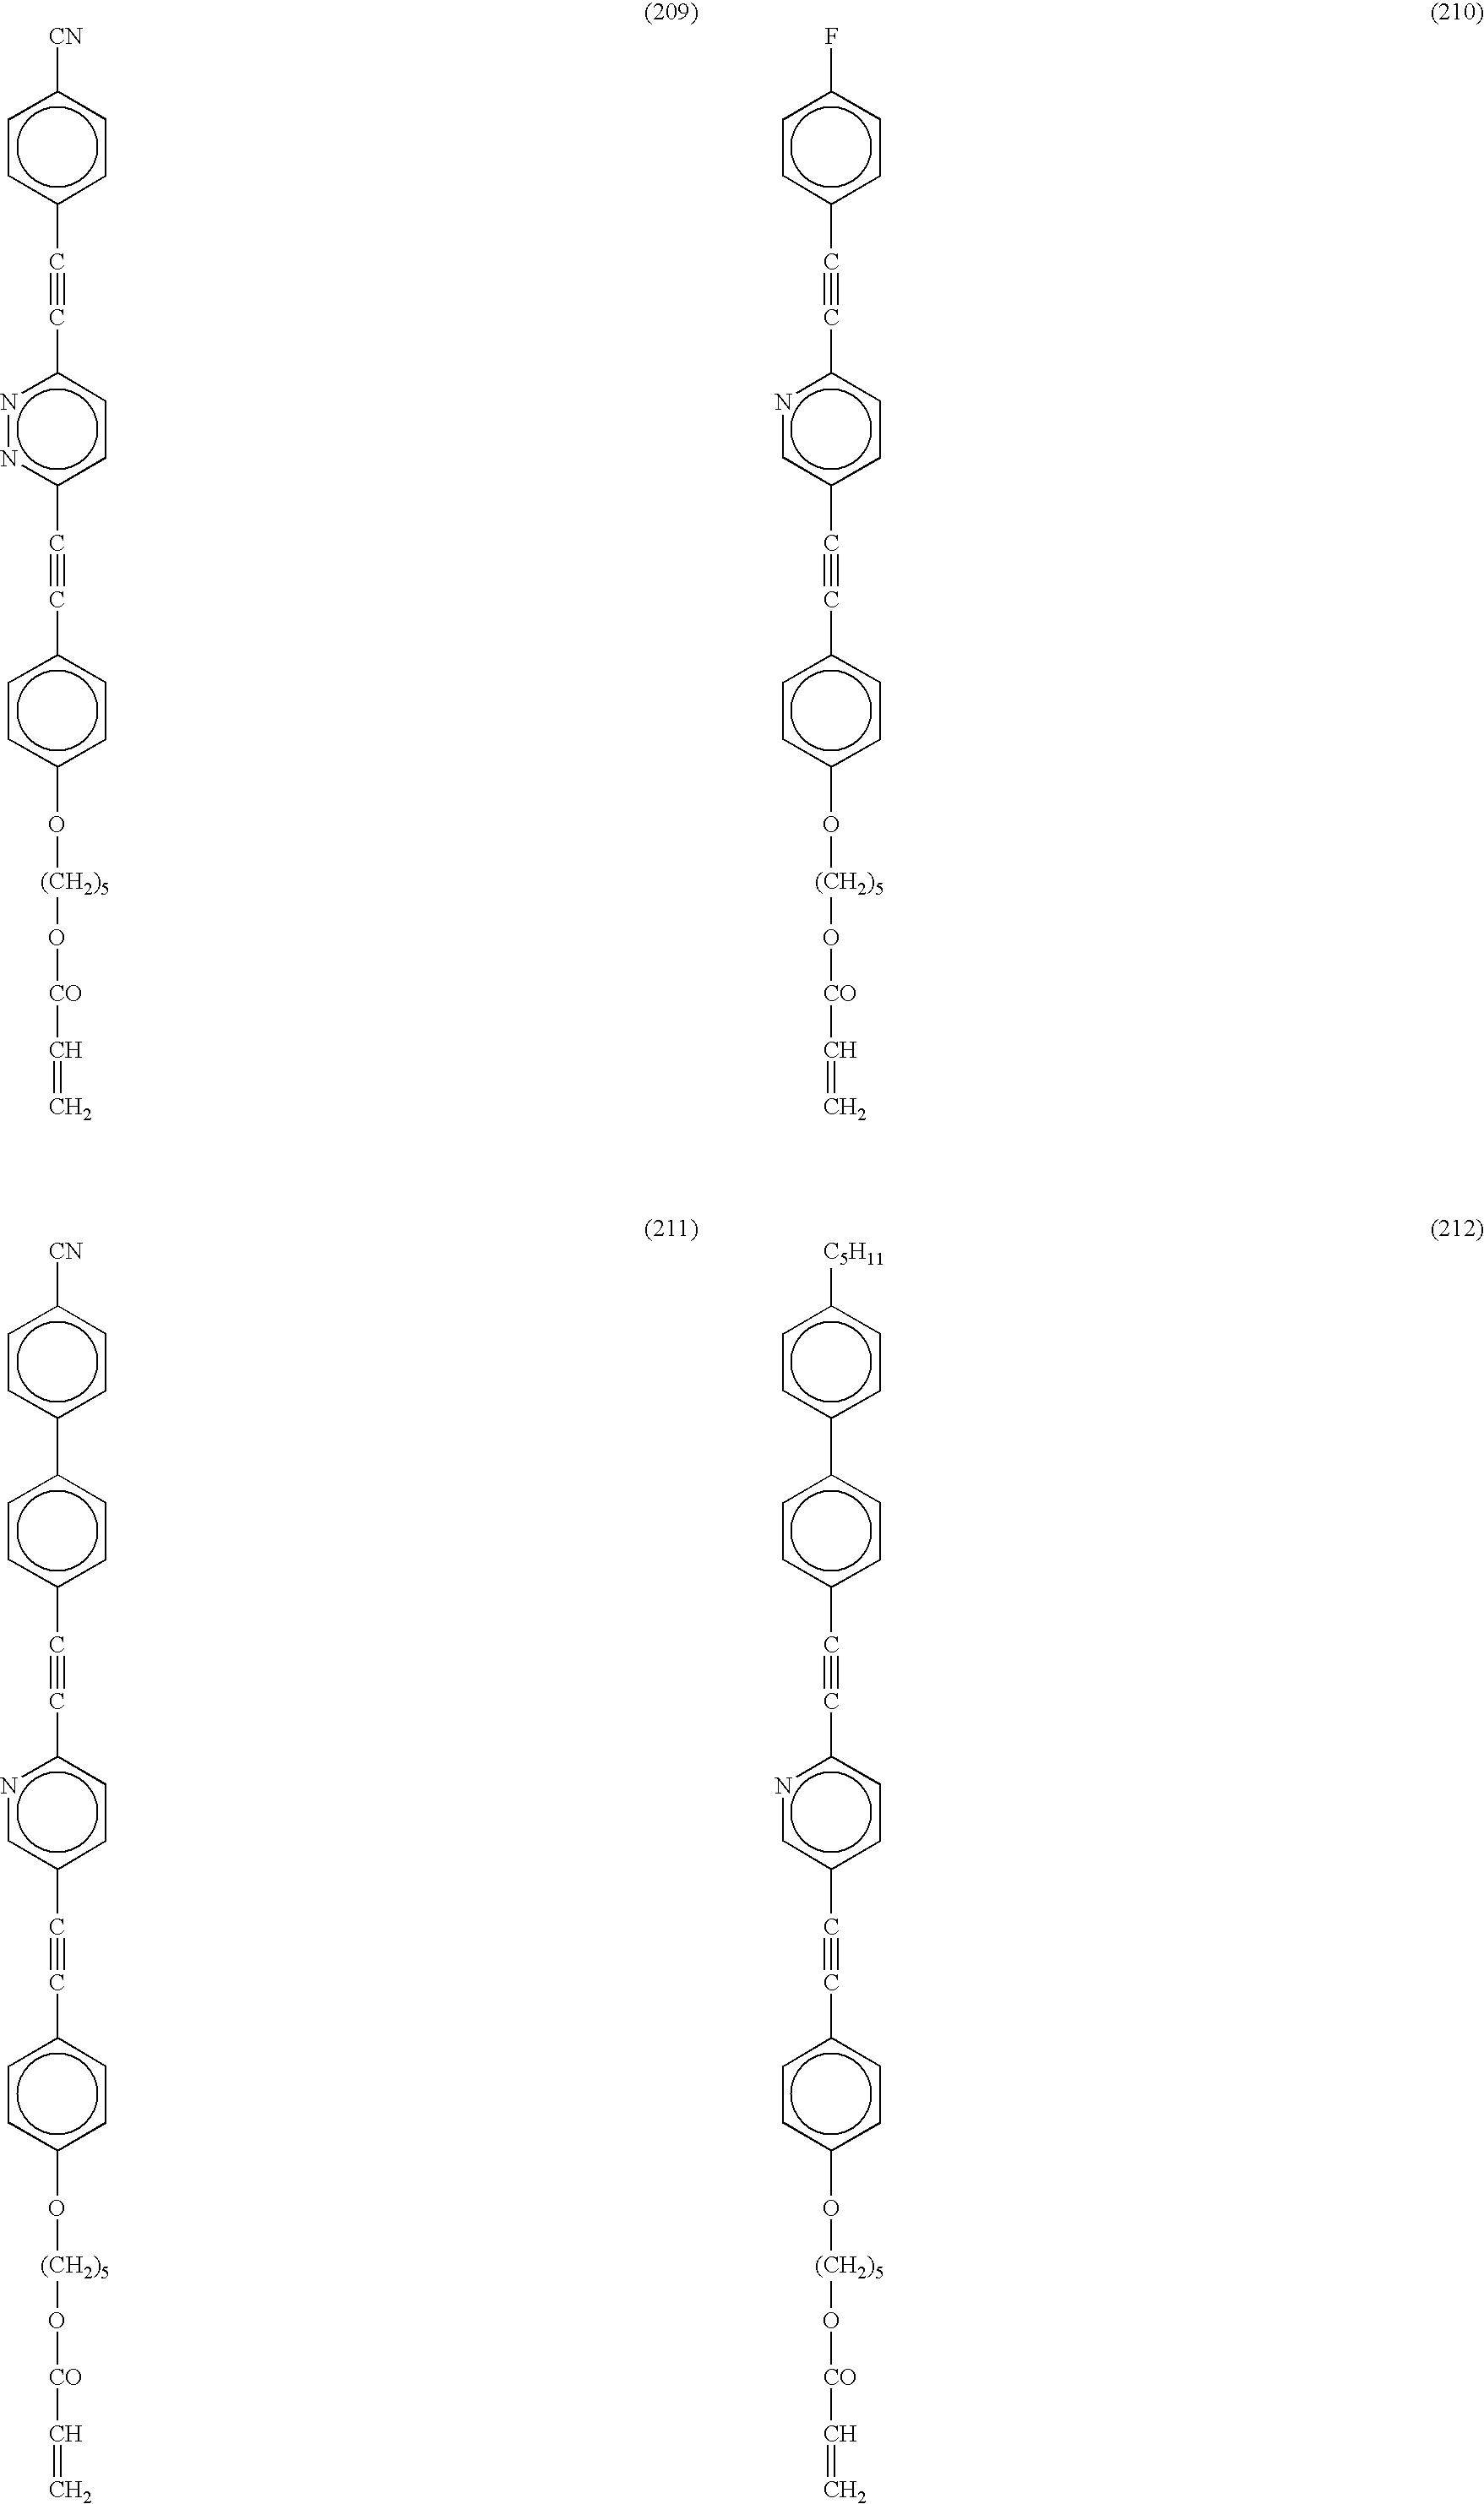 Figure US07128953-20061031-C00031